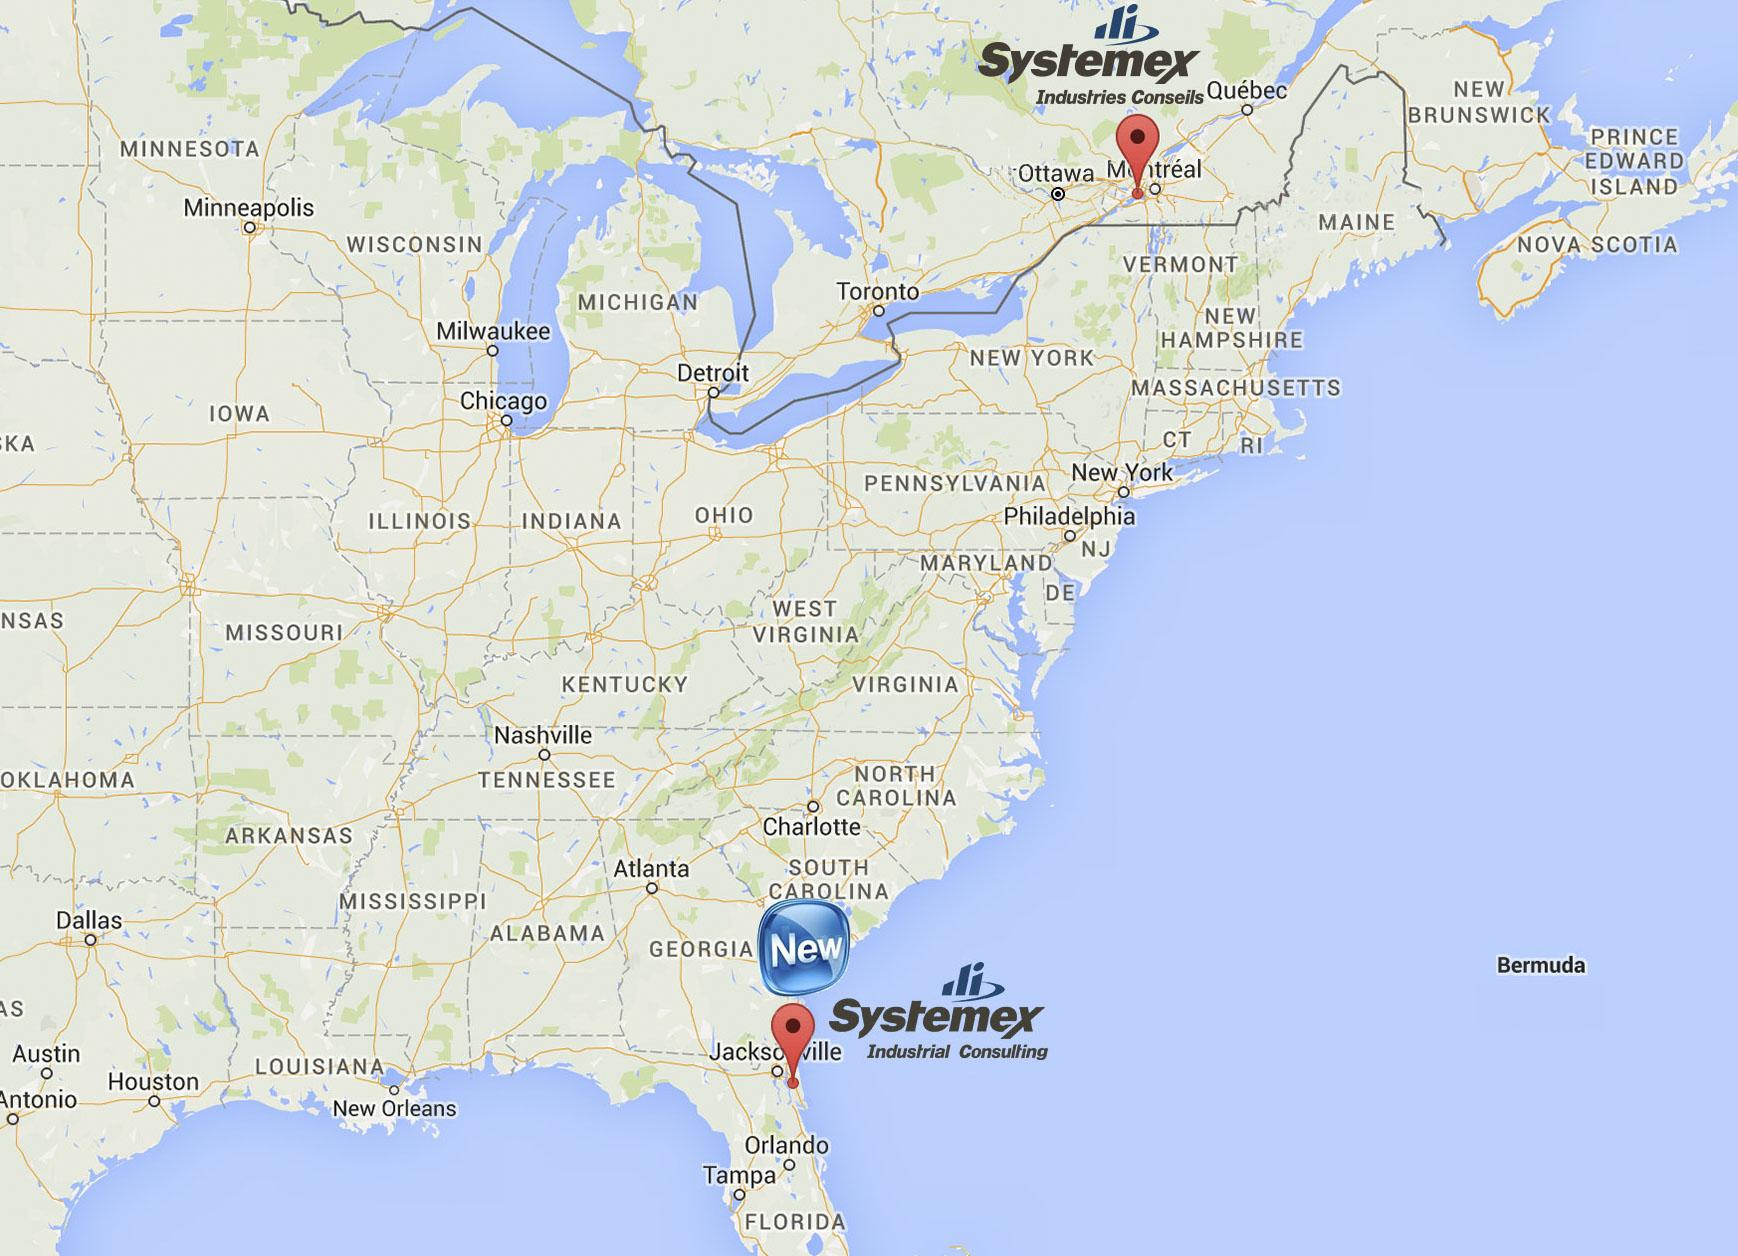 Systemex Industries croît avec l'ouverture de Systemex Industrial Consulting aux États-Unis